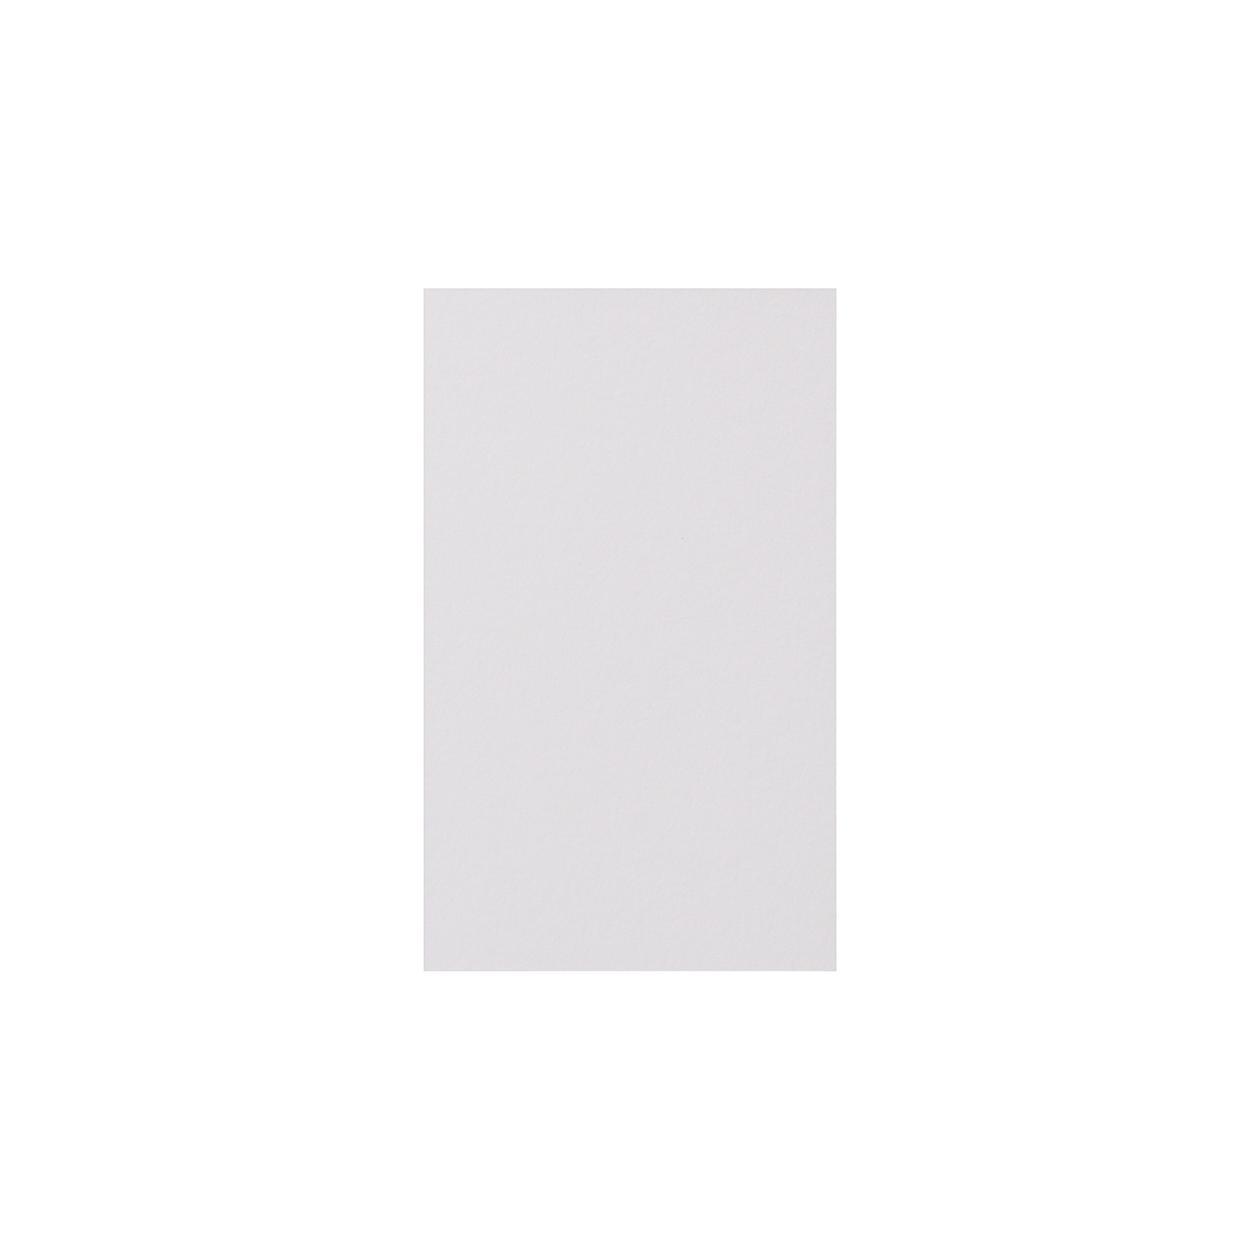 サンプル カード・シート 00306